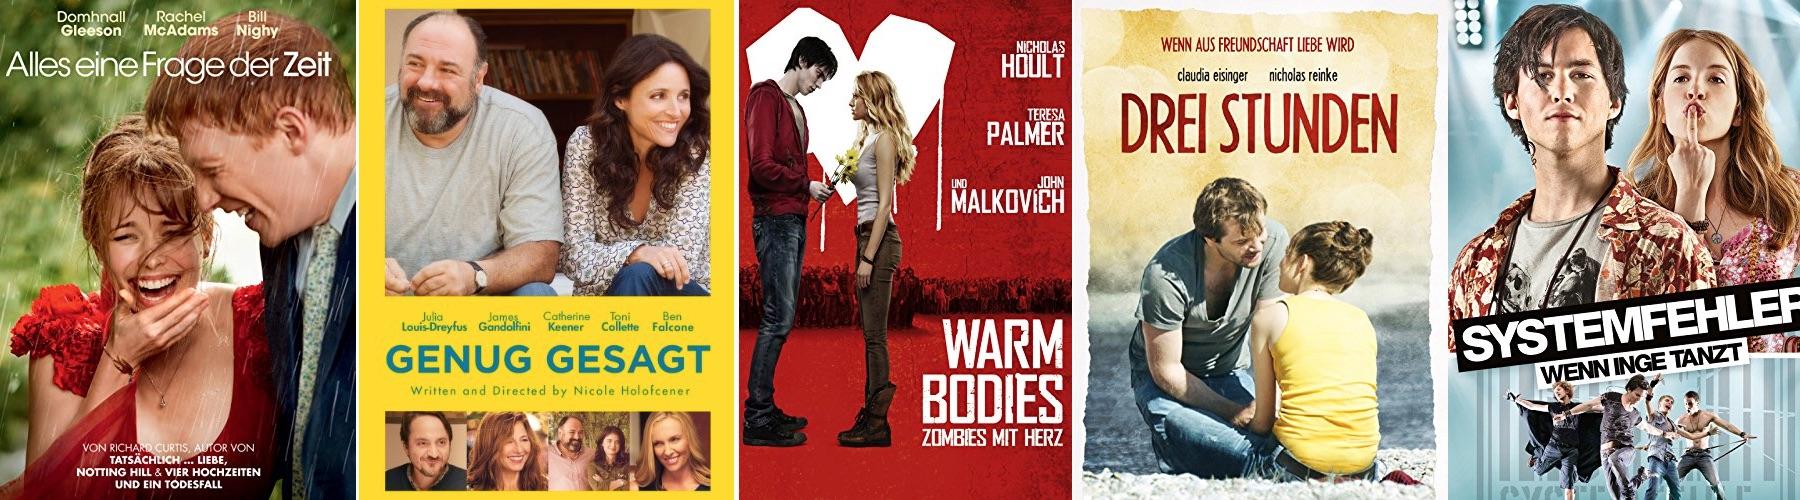 Die besten Liebeskomödien 2013 - Top 10